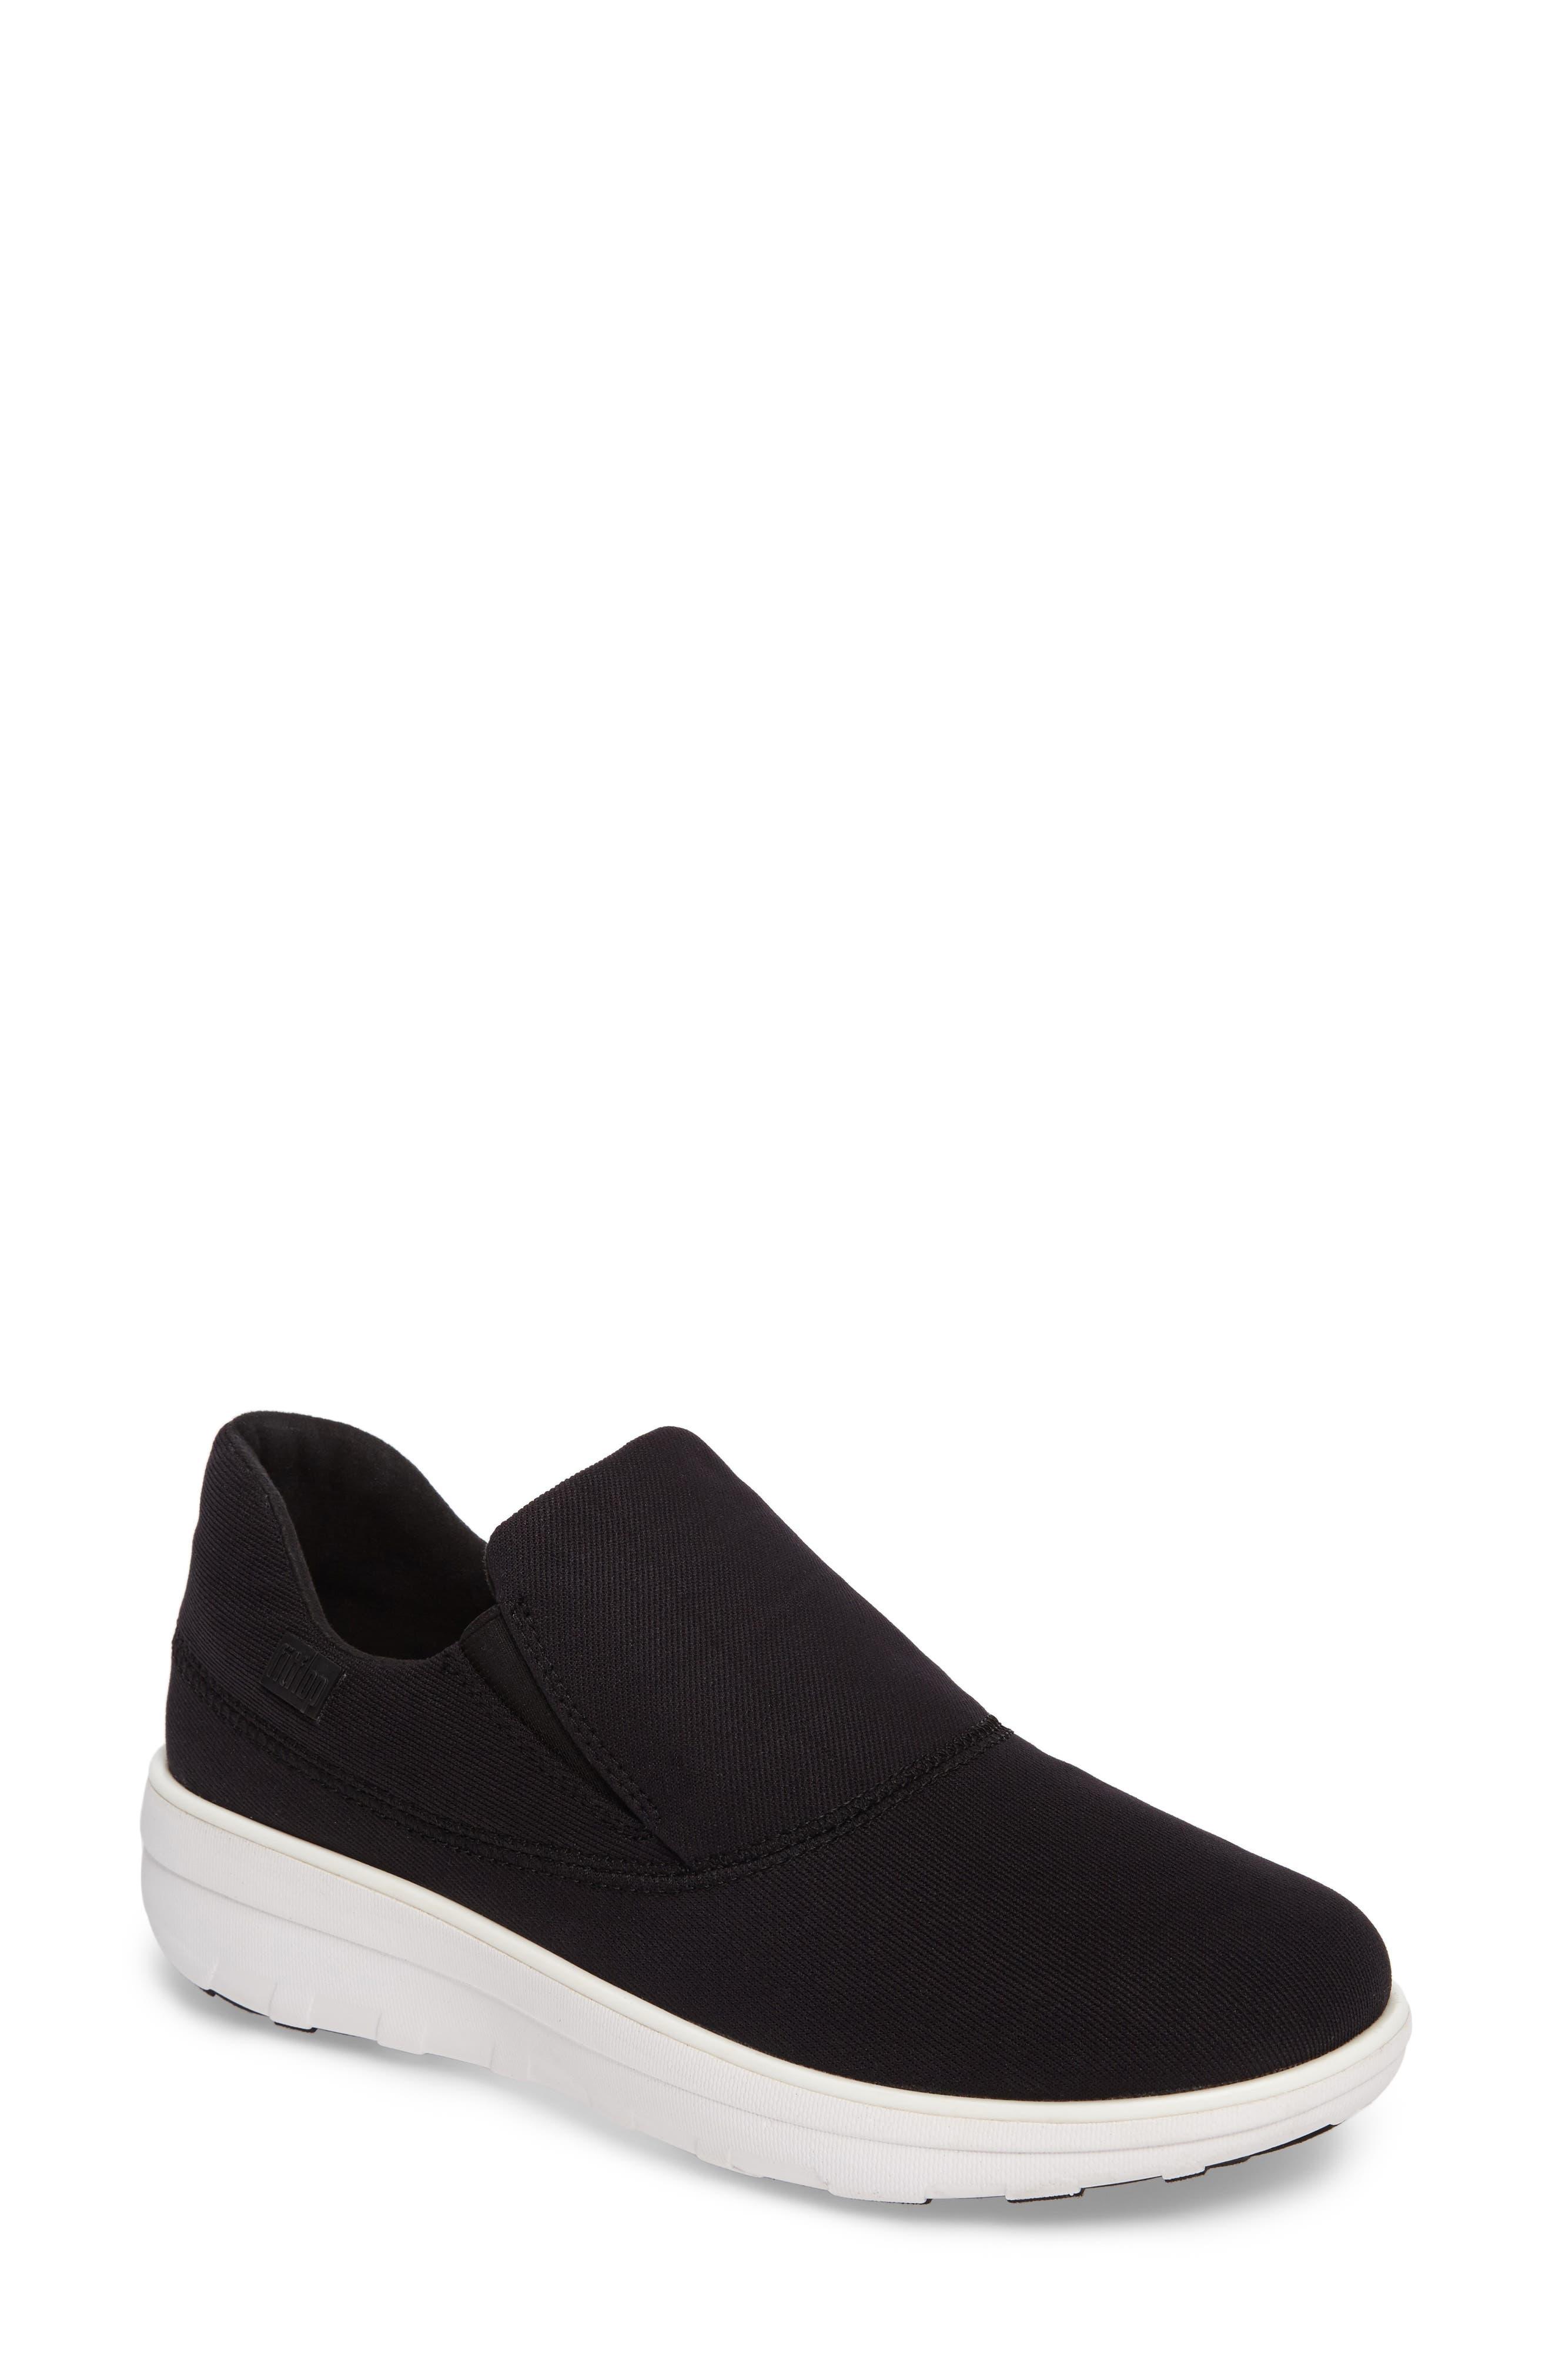 FitFlop Loaff Platform Slip-On Sneaker (Women)